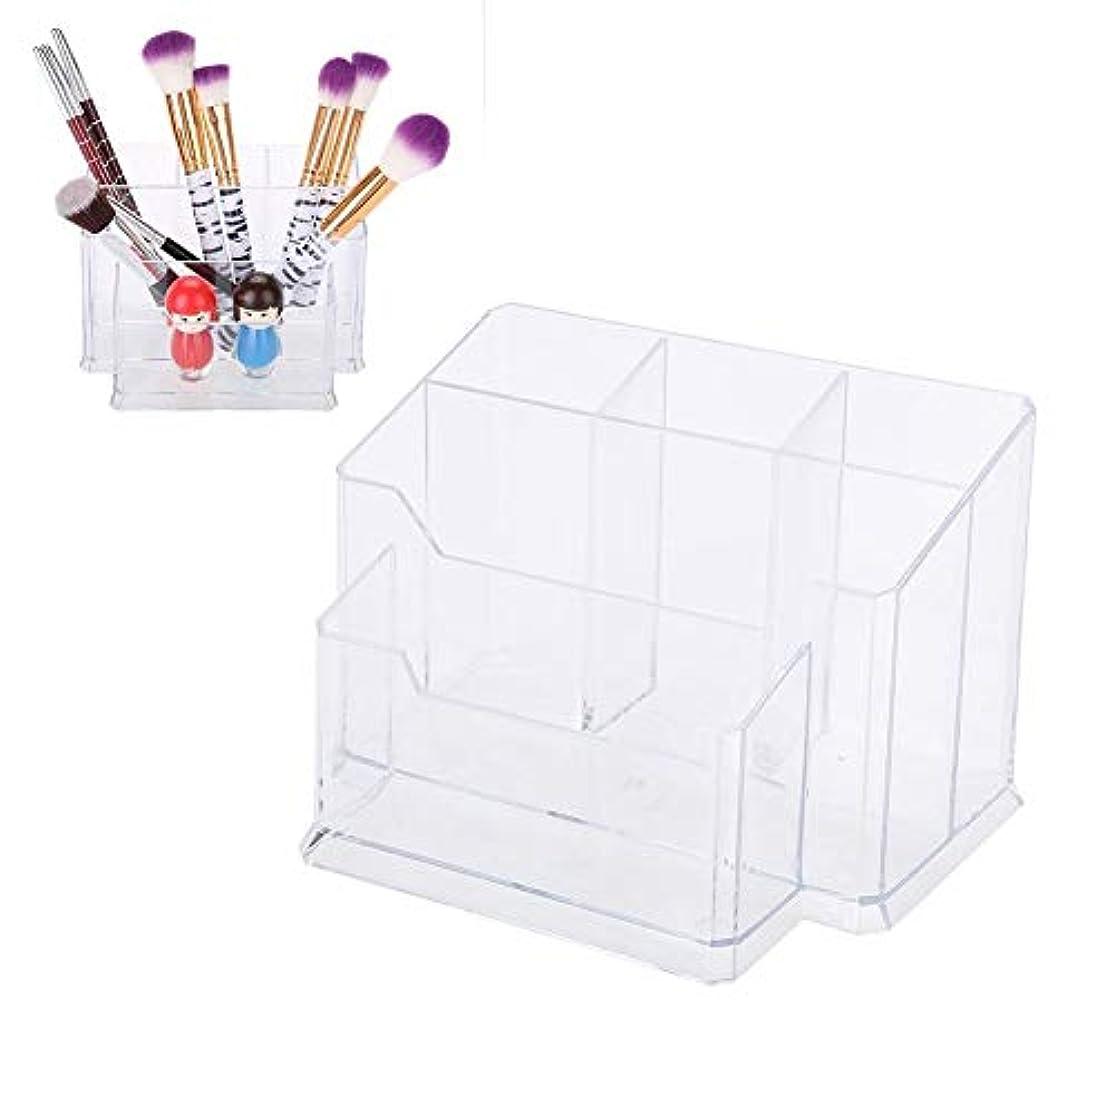 トロピカル他のバンドで青化粧ブラシ収納ボックス アクリル製 コスメ収納 スタンド 口紅 リップ 小物入れ 透明